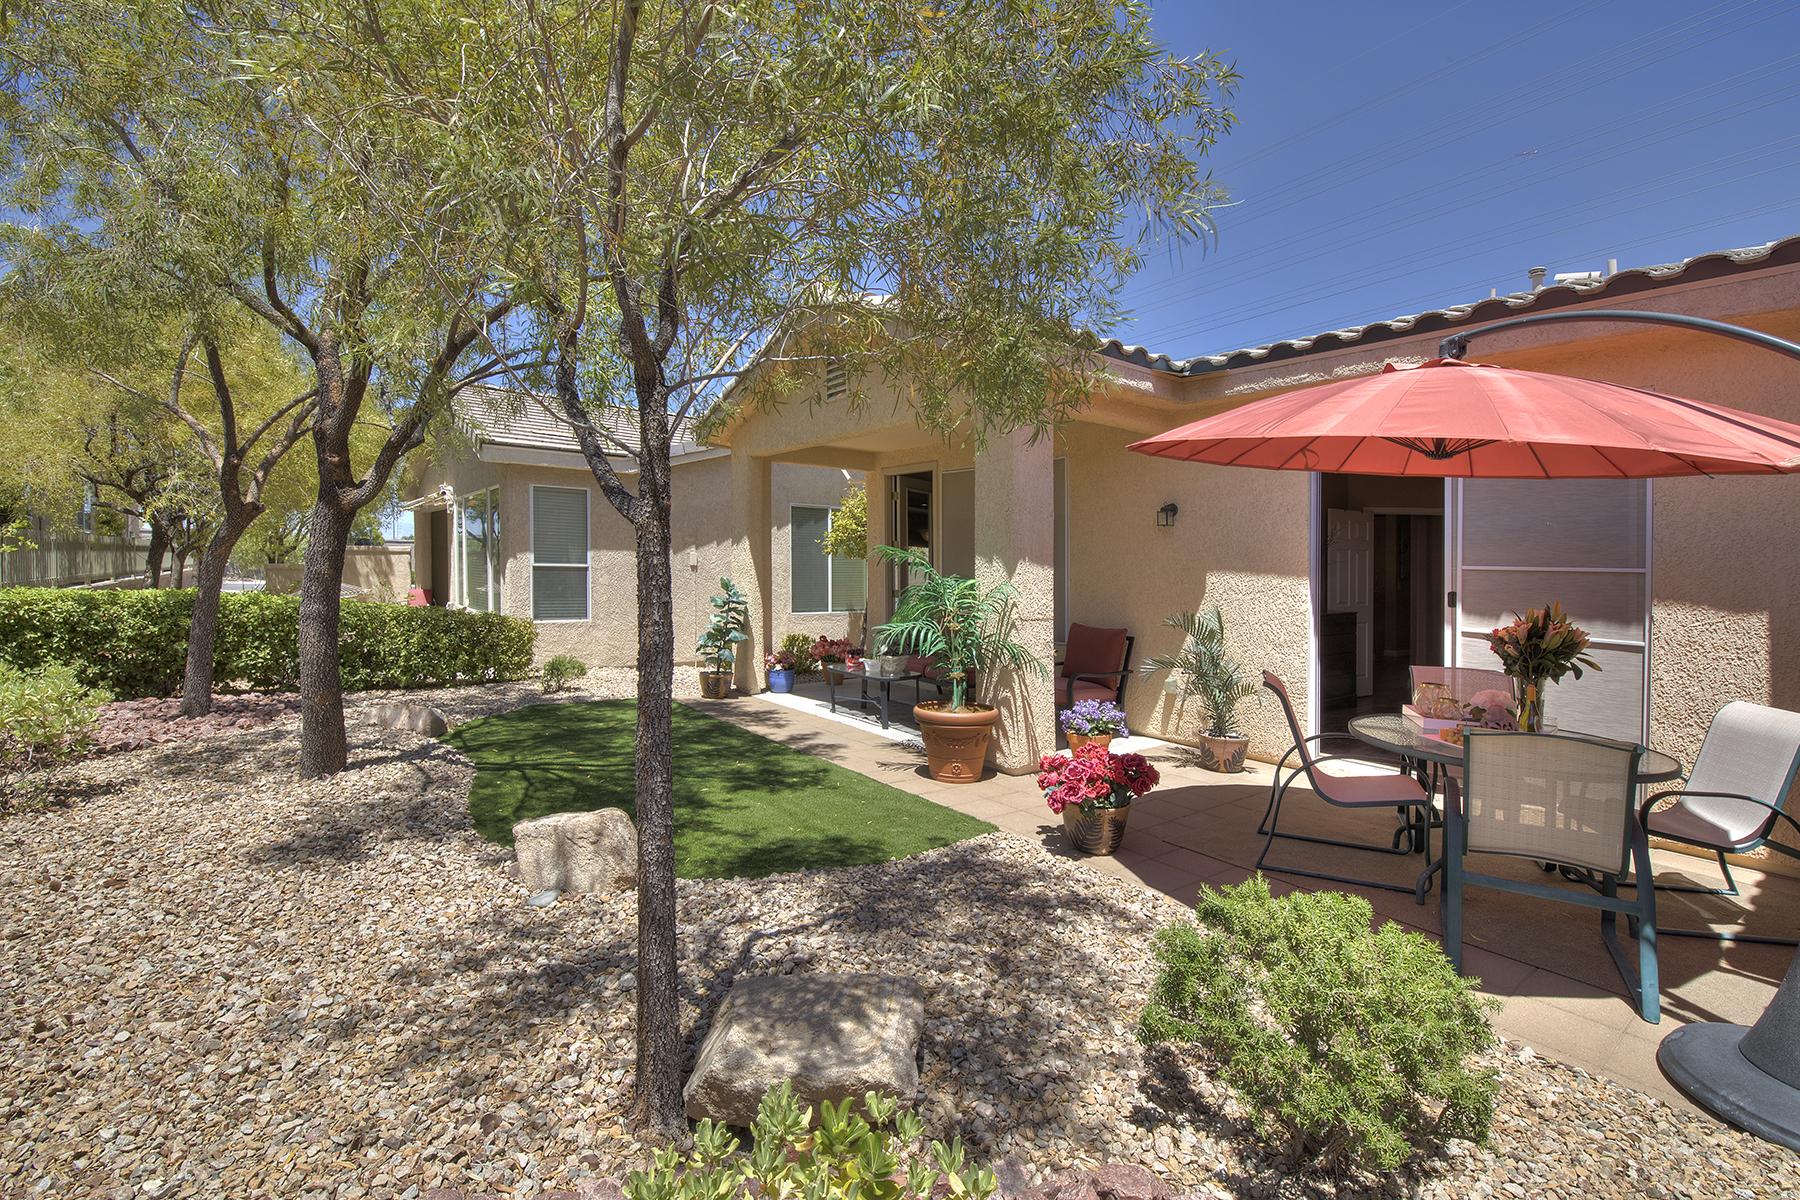 一戸建て のために 売買 アット Dolce In Guard Gated Siena Golf Club 5117 Progresso Street Summerlin, Las Vegas, ネバダ, 89135 アメリカ合衆国